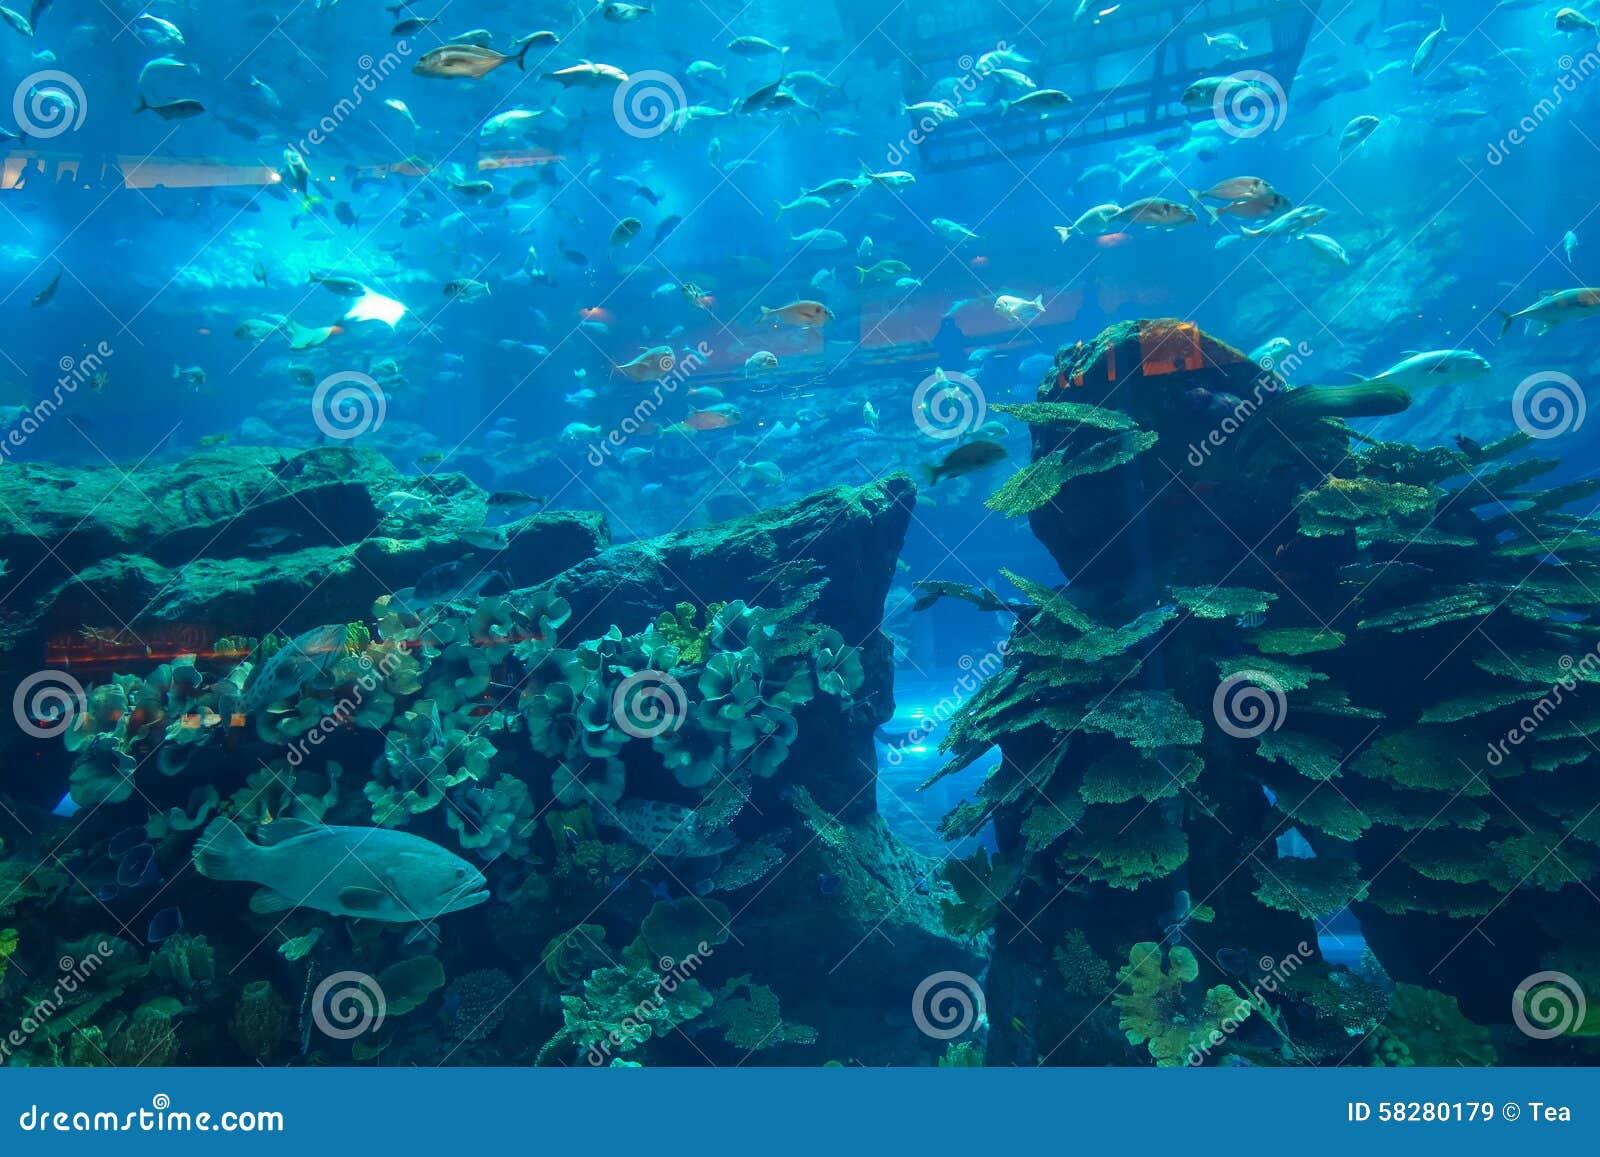 The Dubai Aquarium & Underwater Zoo In Dubai Mal Editorial Stock Image ...